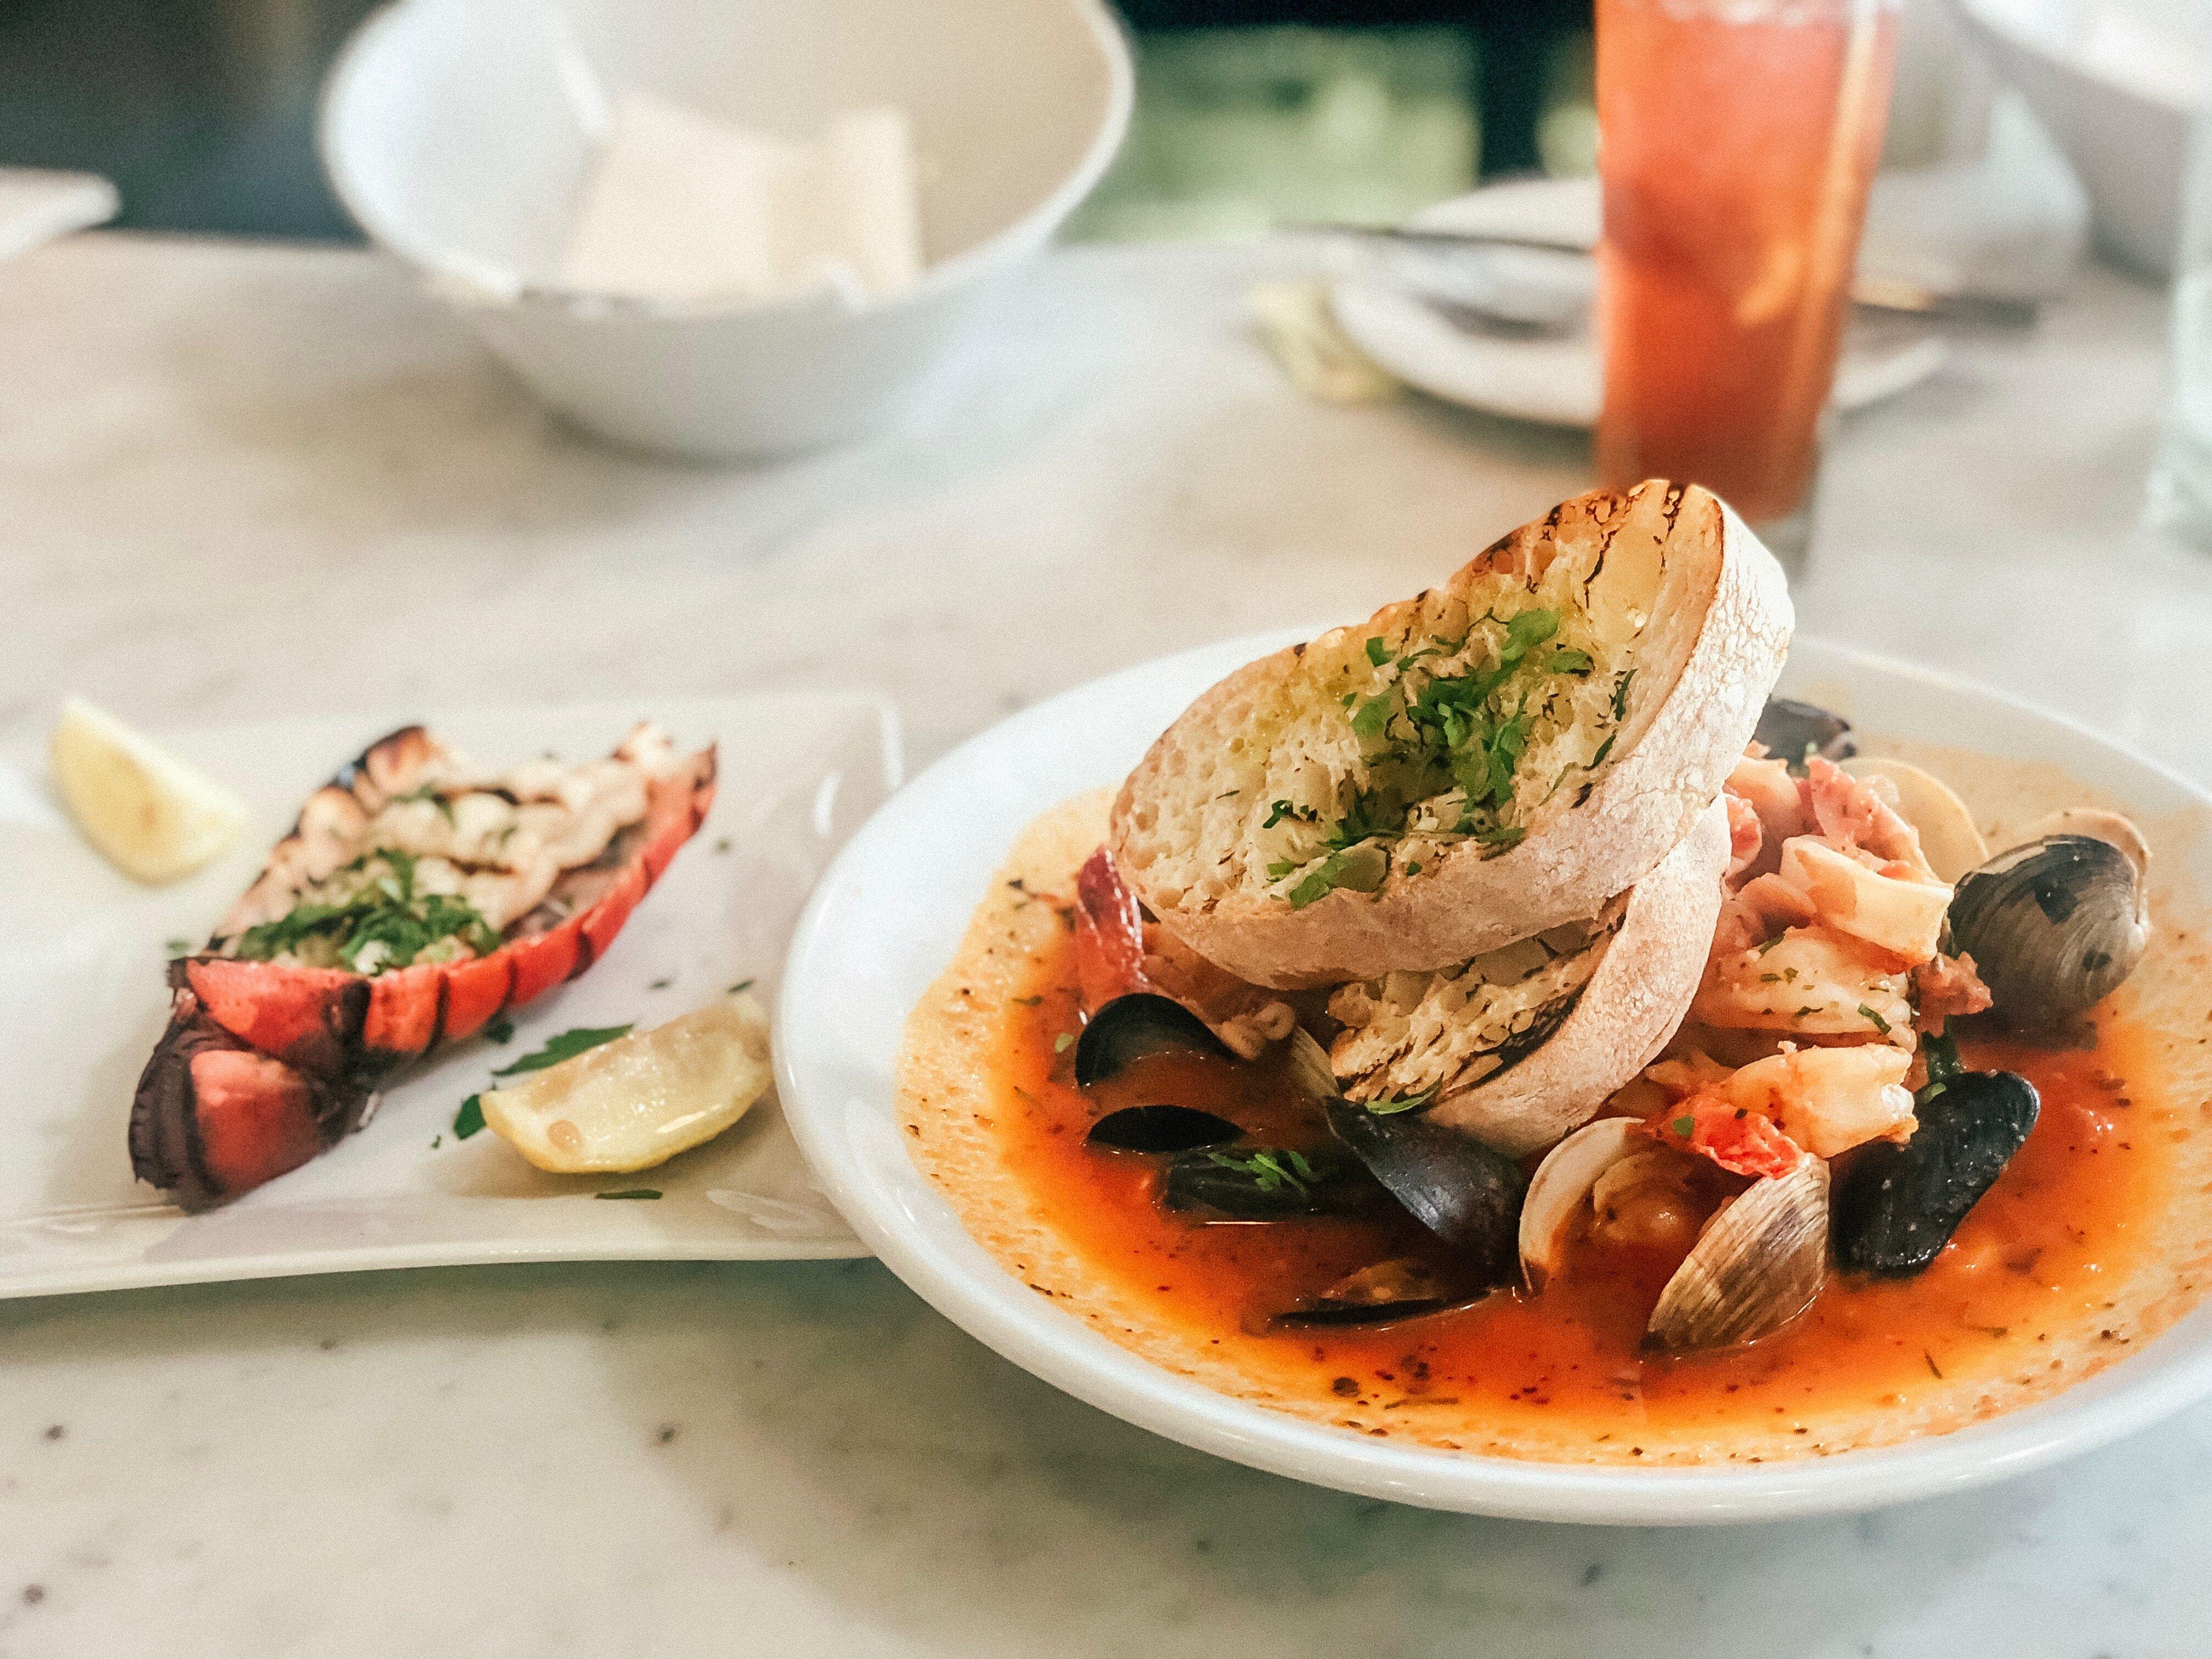 Najlepsze Dania Kuchni Polskiej W Calej Warszawie W Akademii Proponujemy Naszym Gosciom Tradycyjne Dania Kuchn Lobster Recipes Potluck Dishes Seafood Recipes